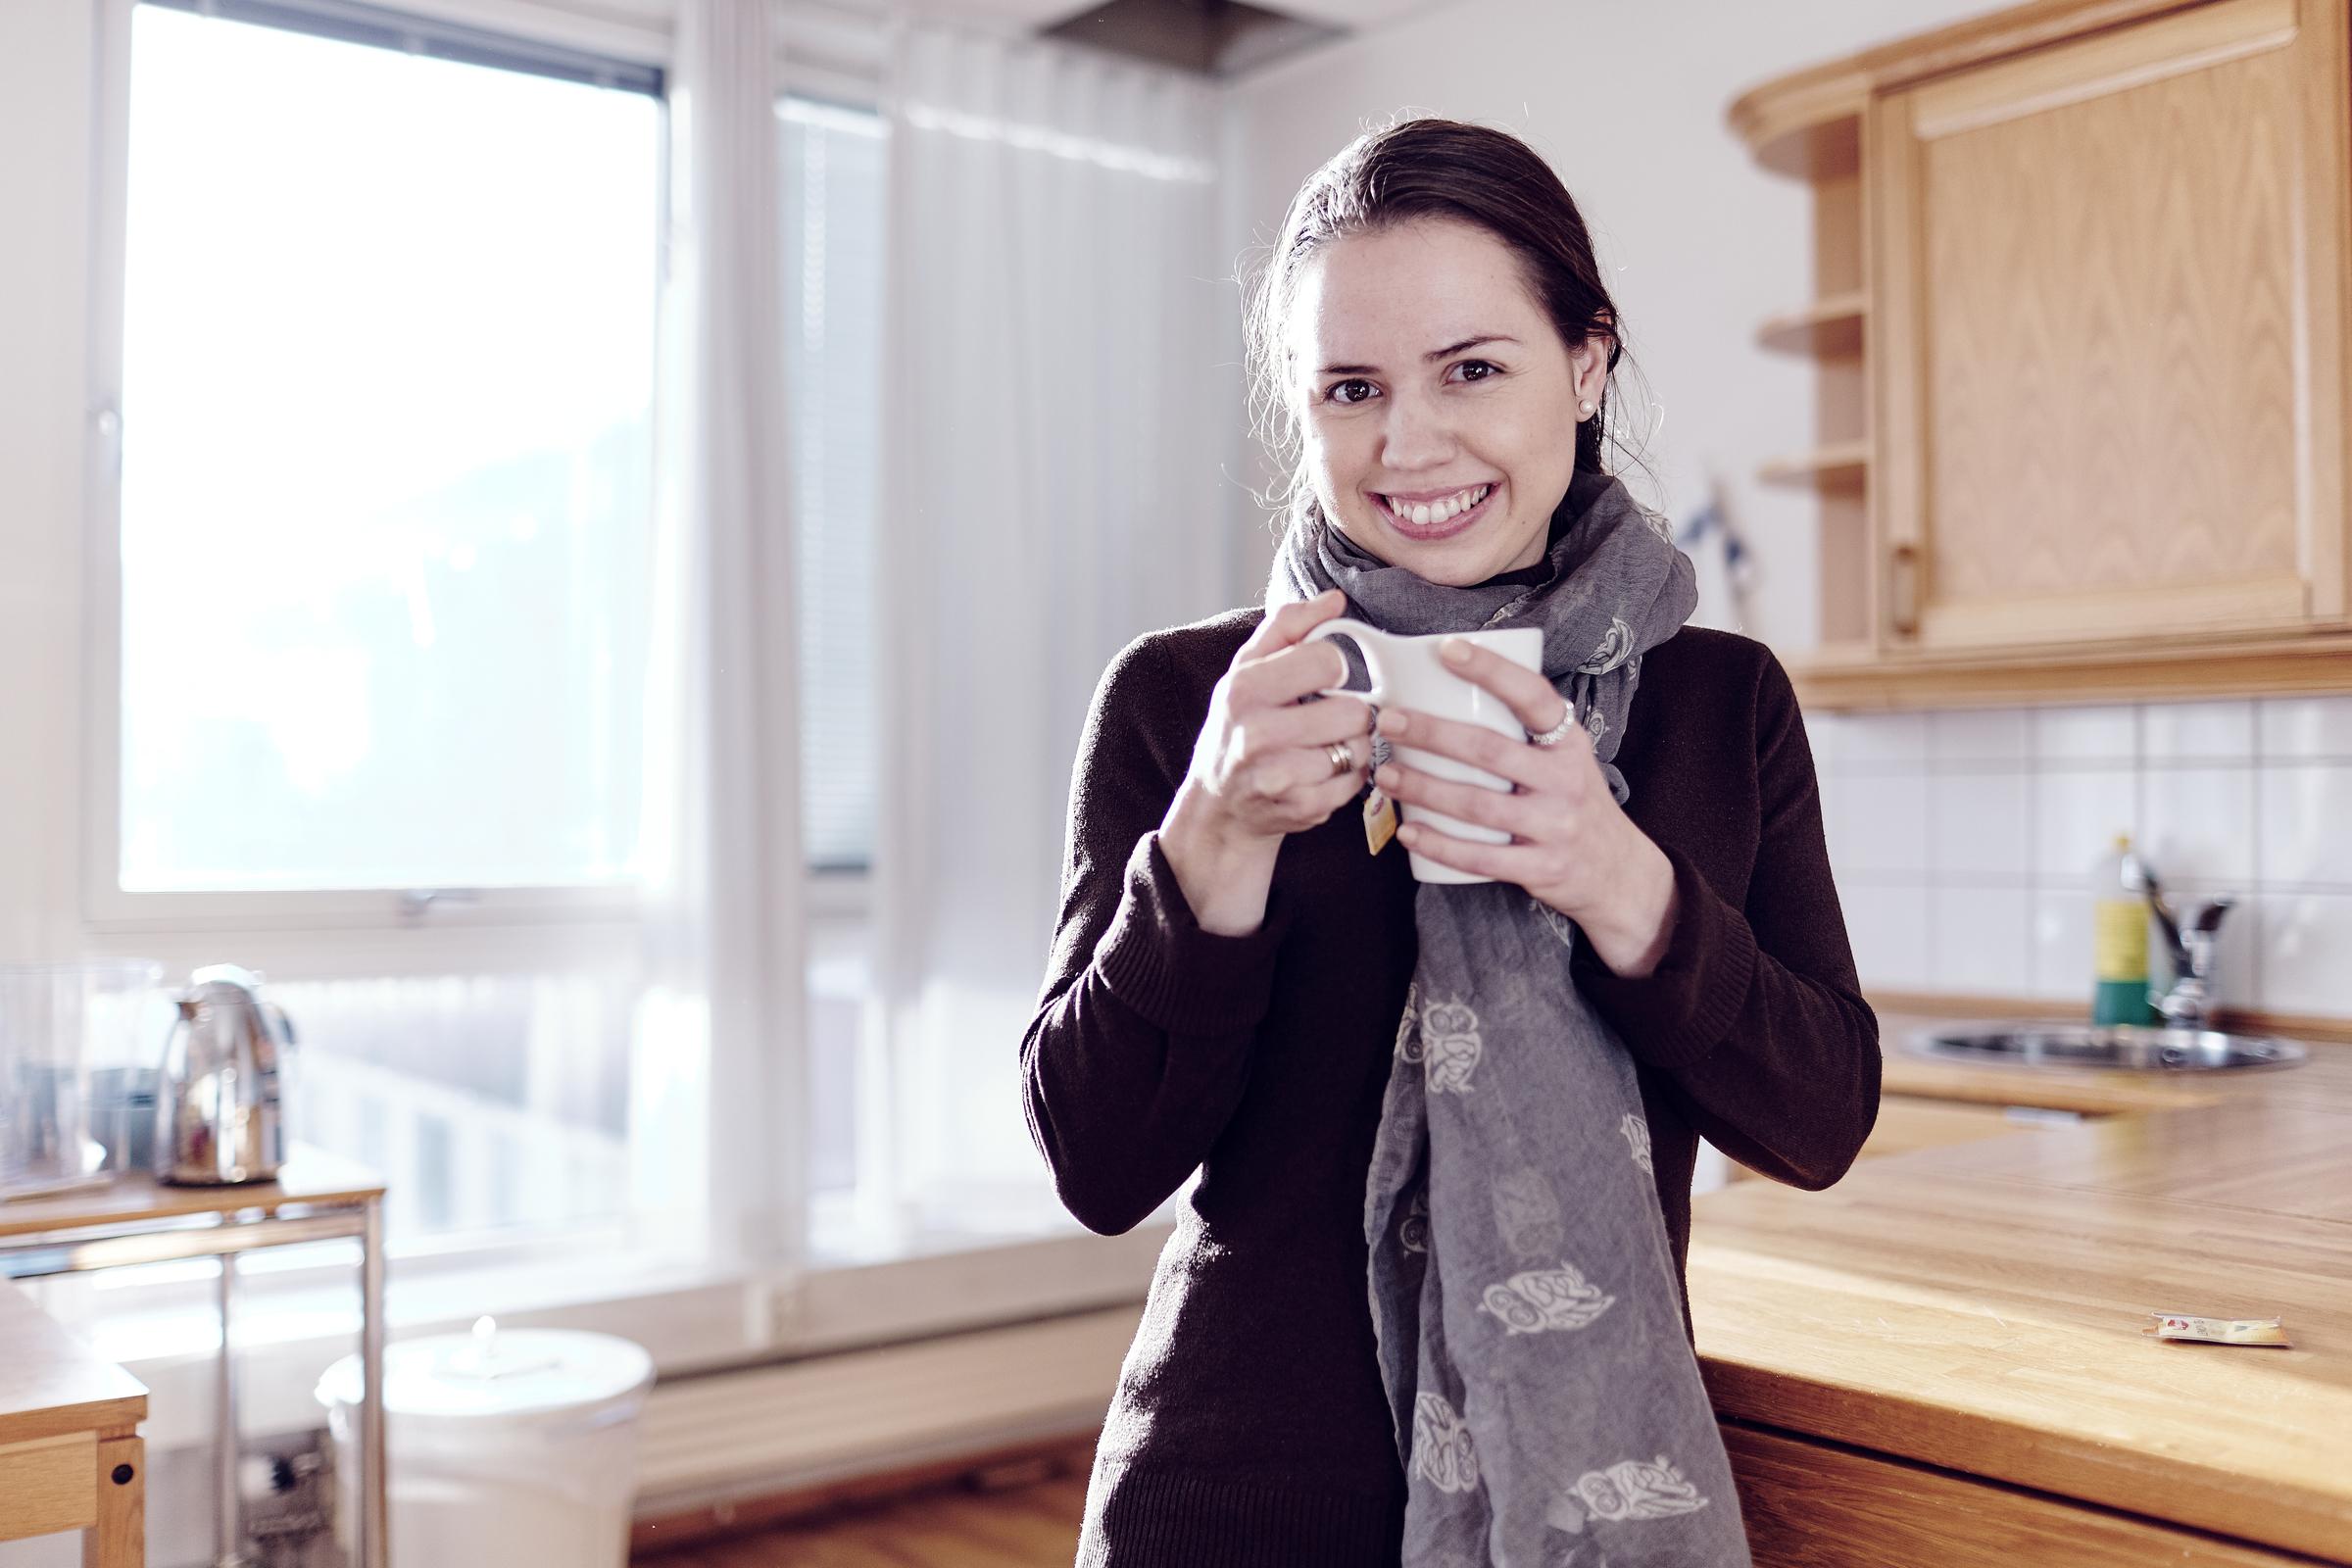 Ung kvinne holder kopp på kjøkken